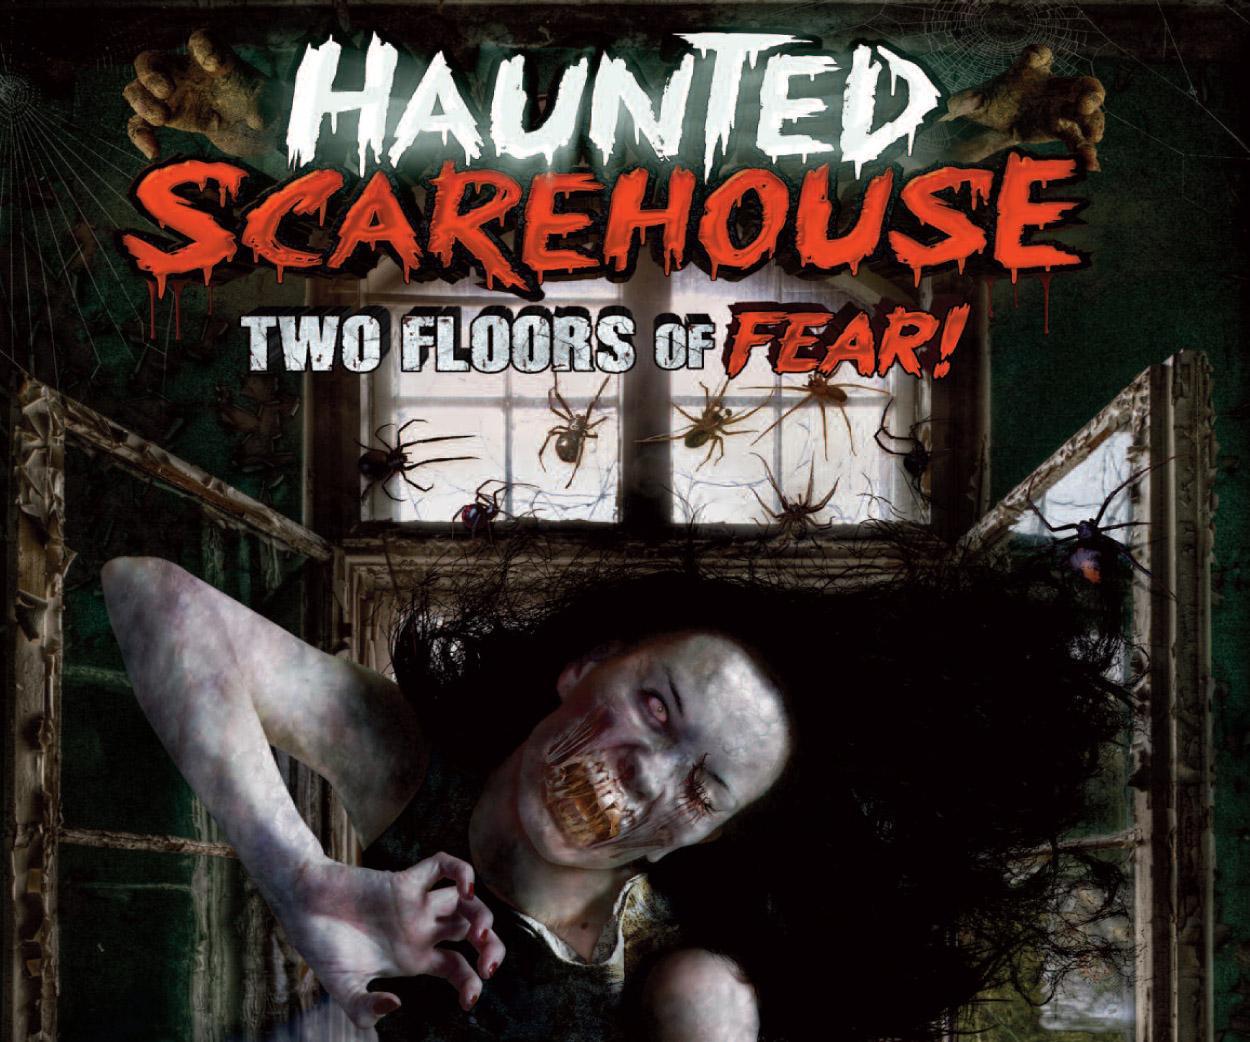 hauntedscarehouse